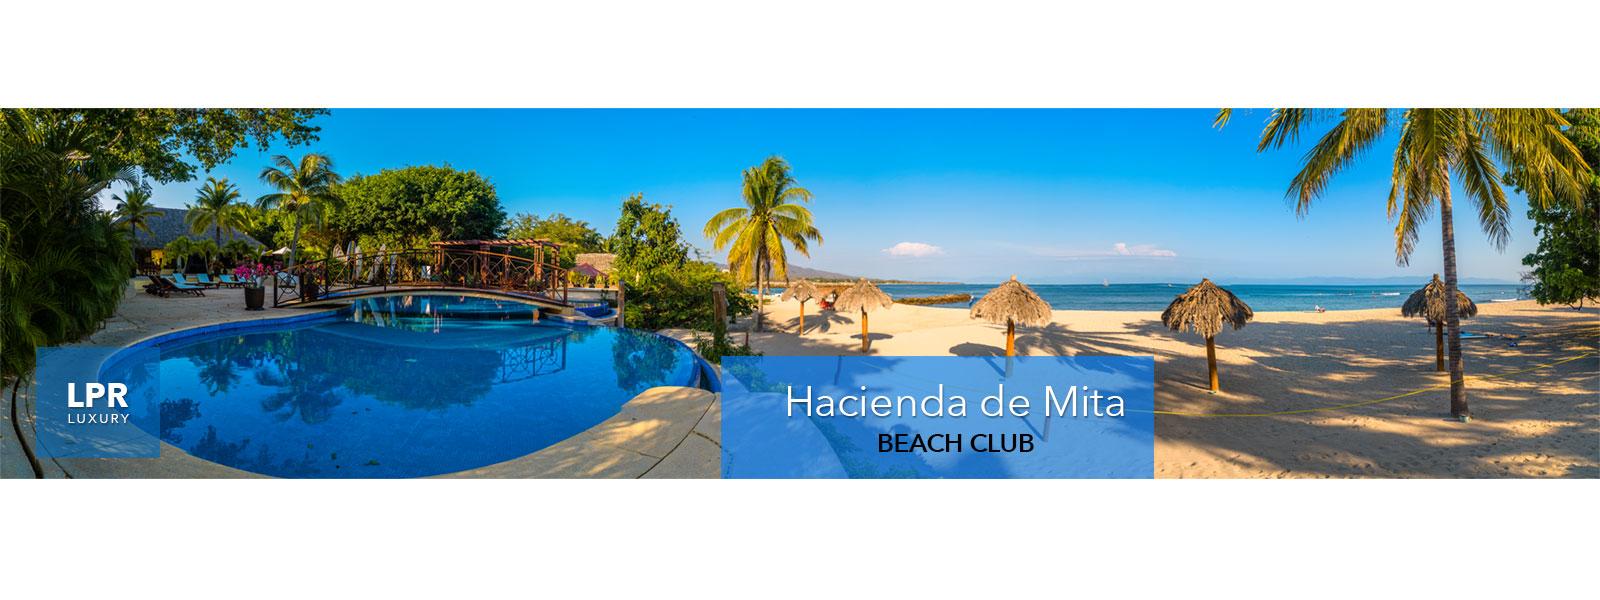 Hacienda De Mita Beach Club Luxury Punta Mexico Condos For And